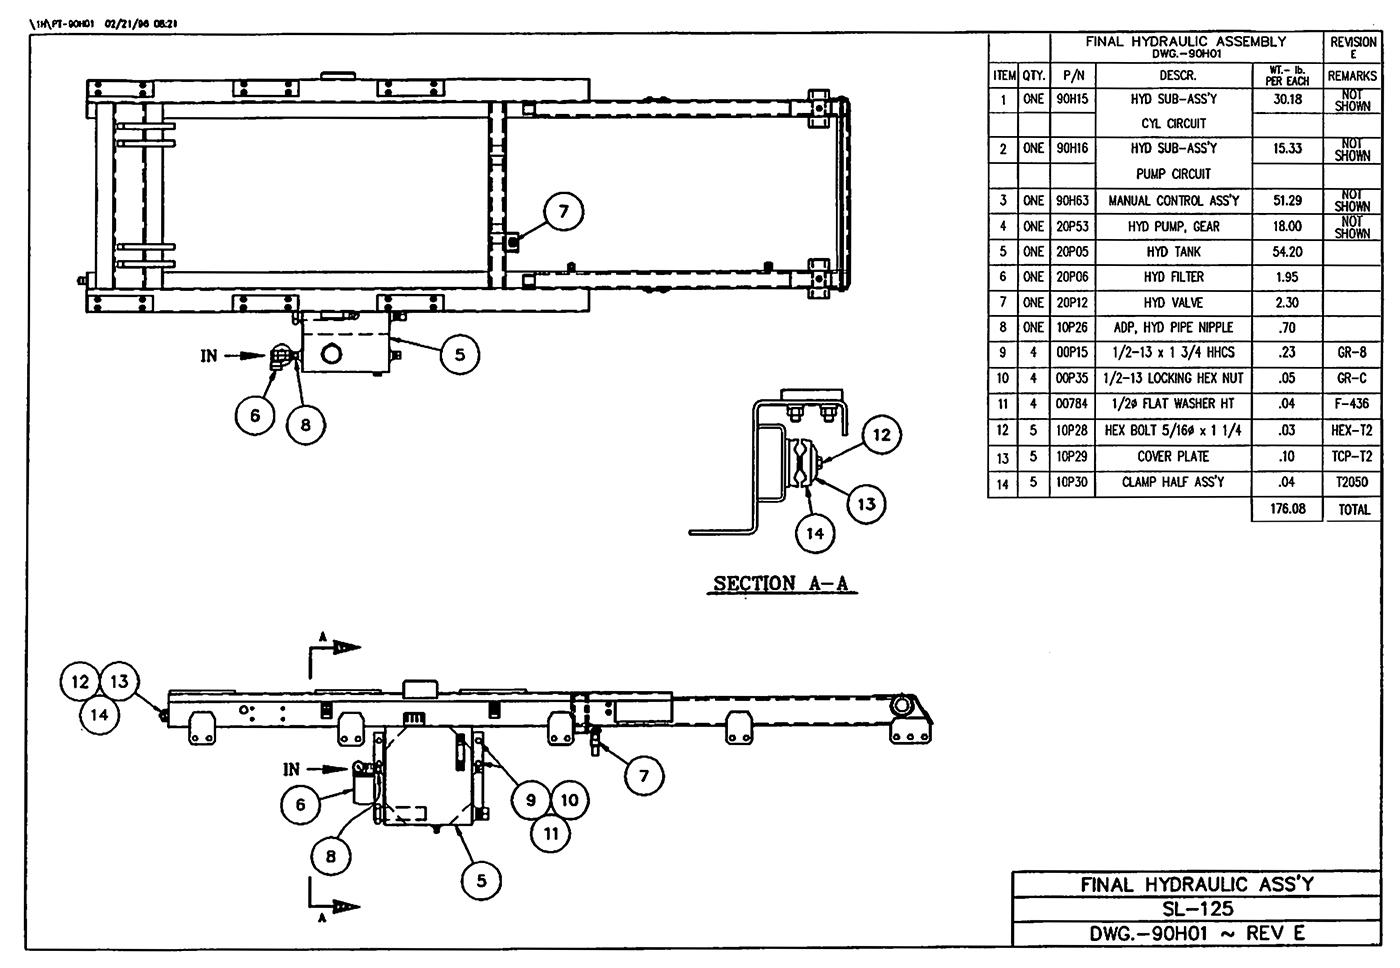 SL-125 Final Hydraulic Assembly Diagram